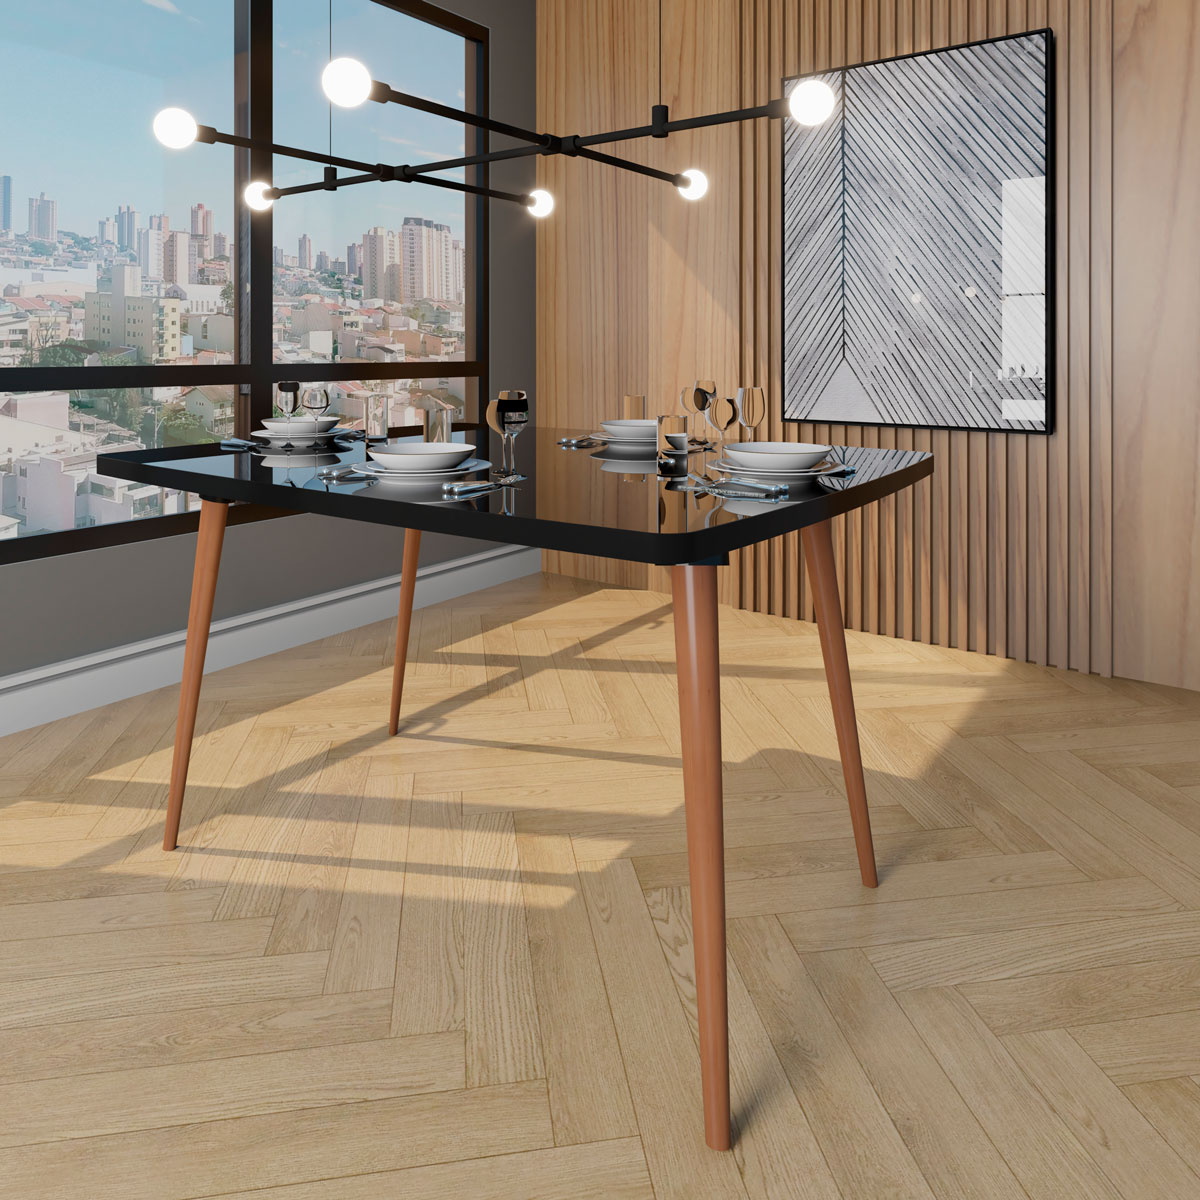 Mesa de Jantar Jade 4 lugares Black com Vidro - RV Móveis